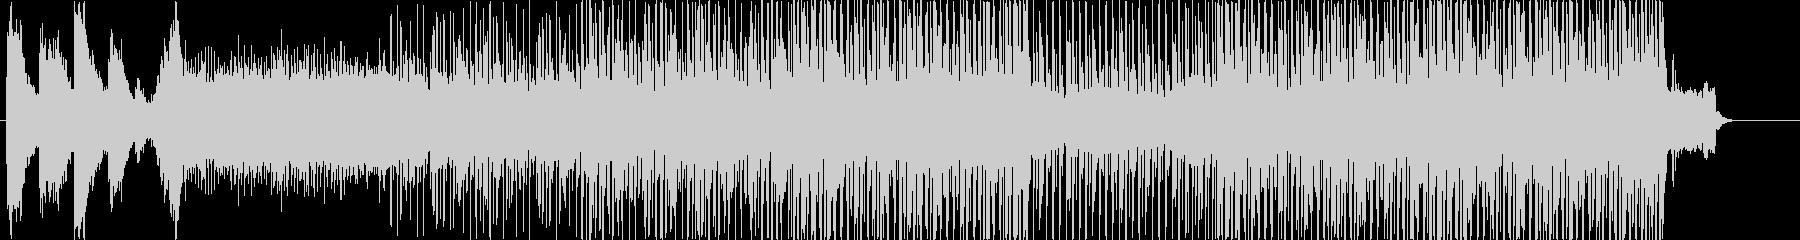 ピアノで始まるムーディーなハウス風BGMの未再生の波形